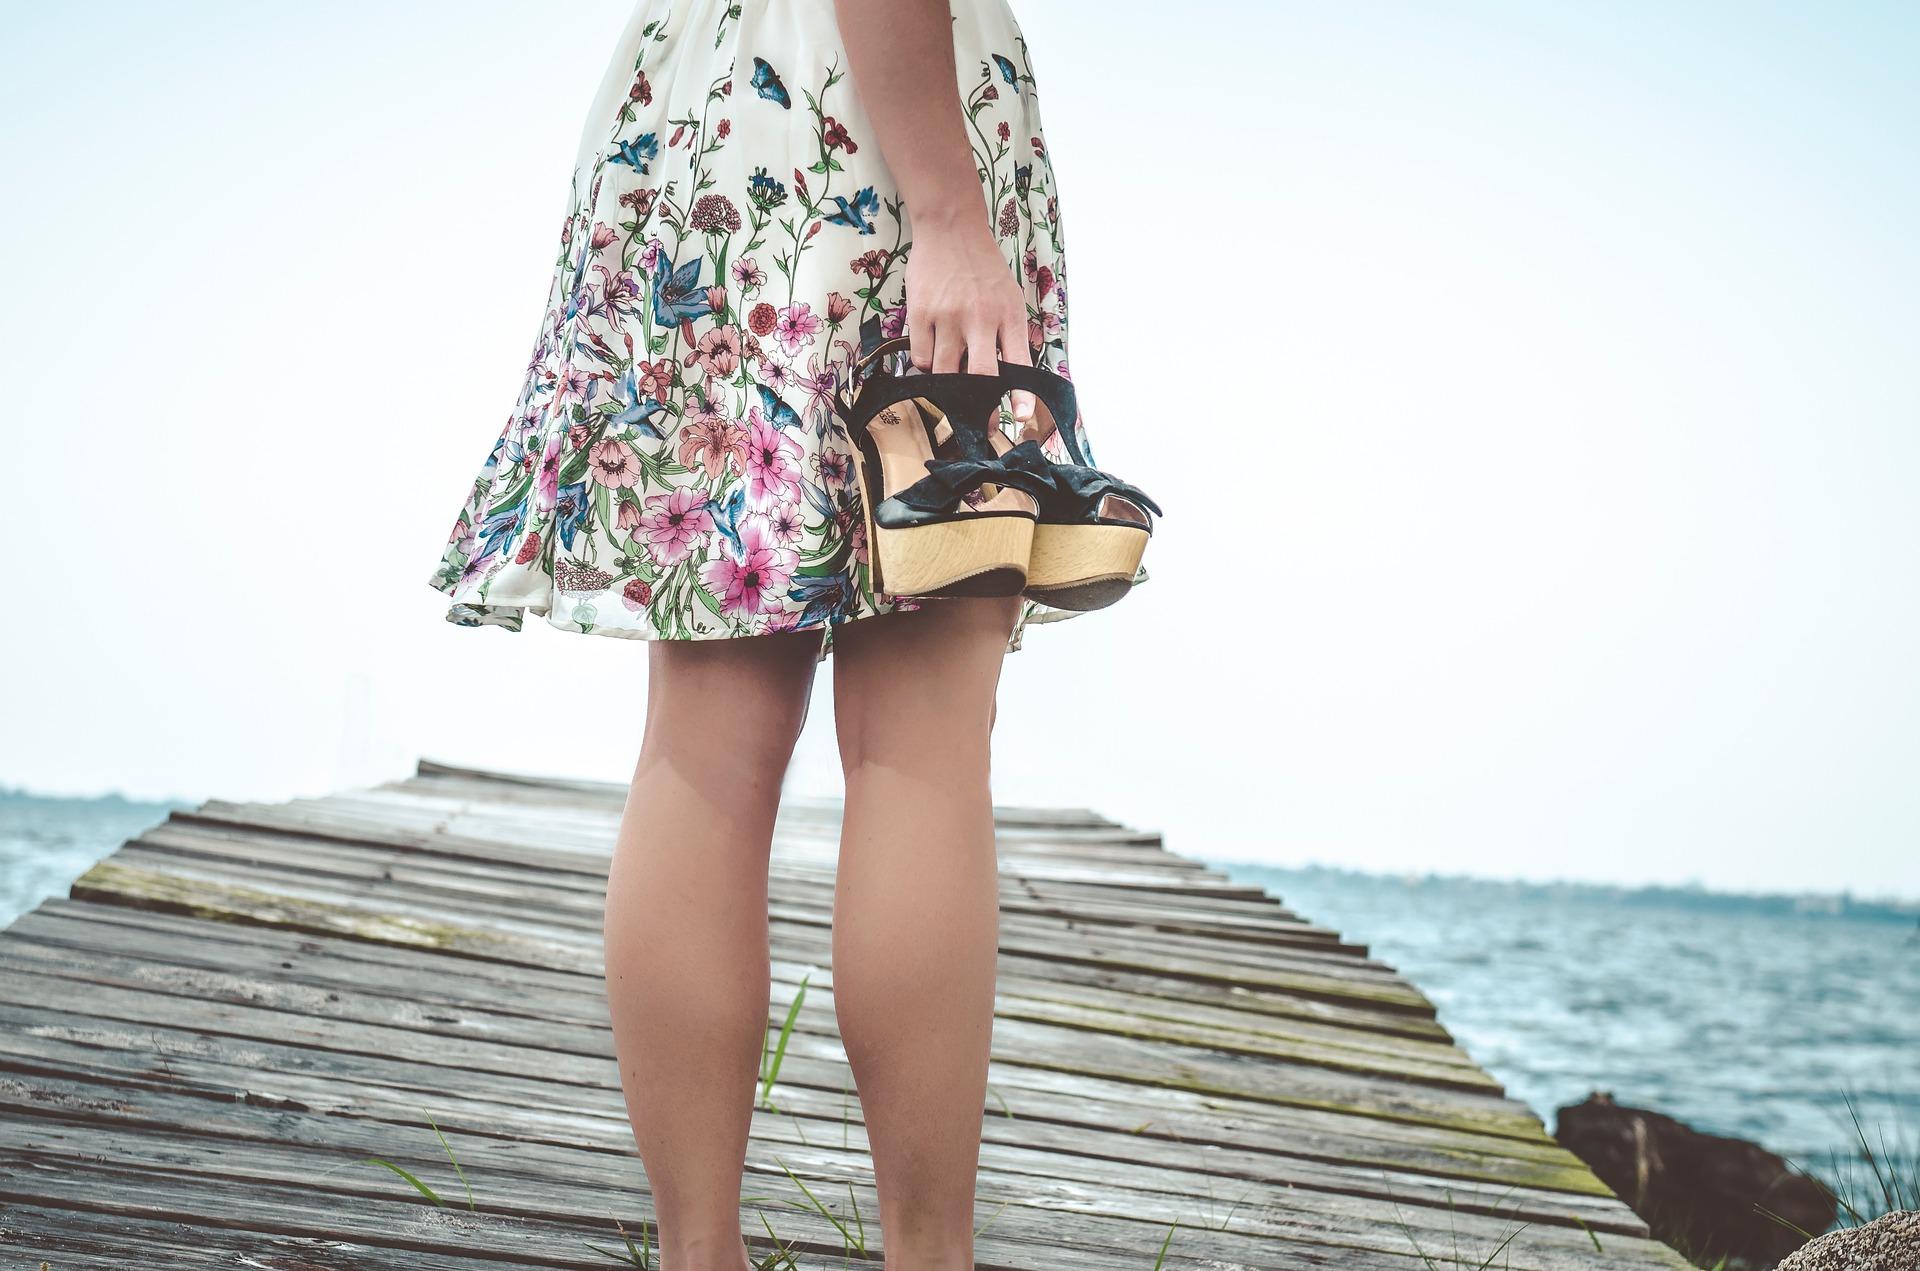 girl in skirt holding sandals